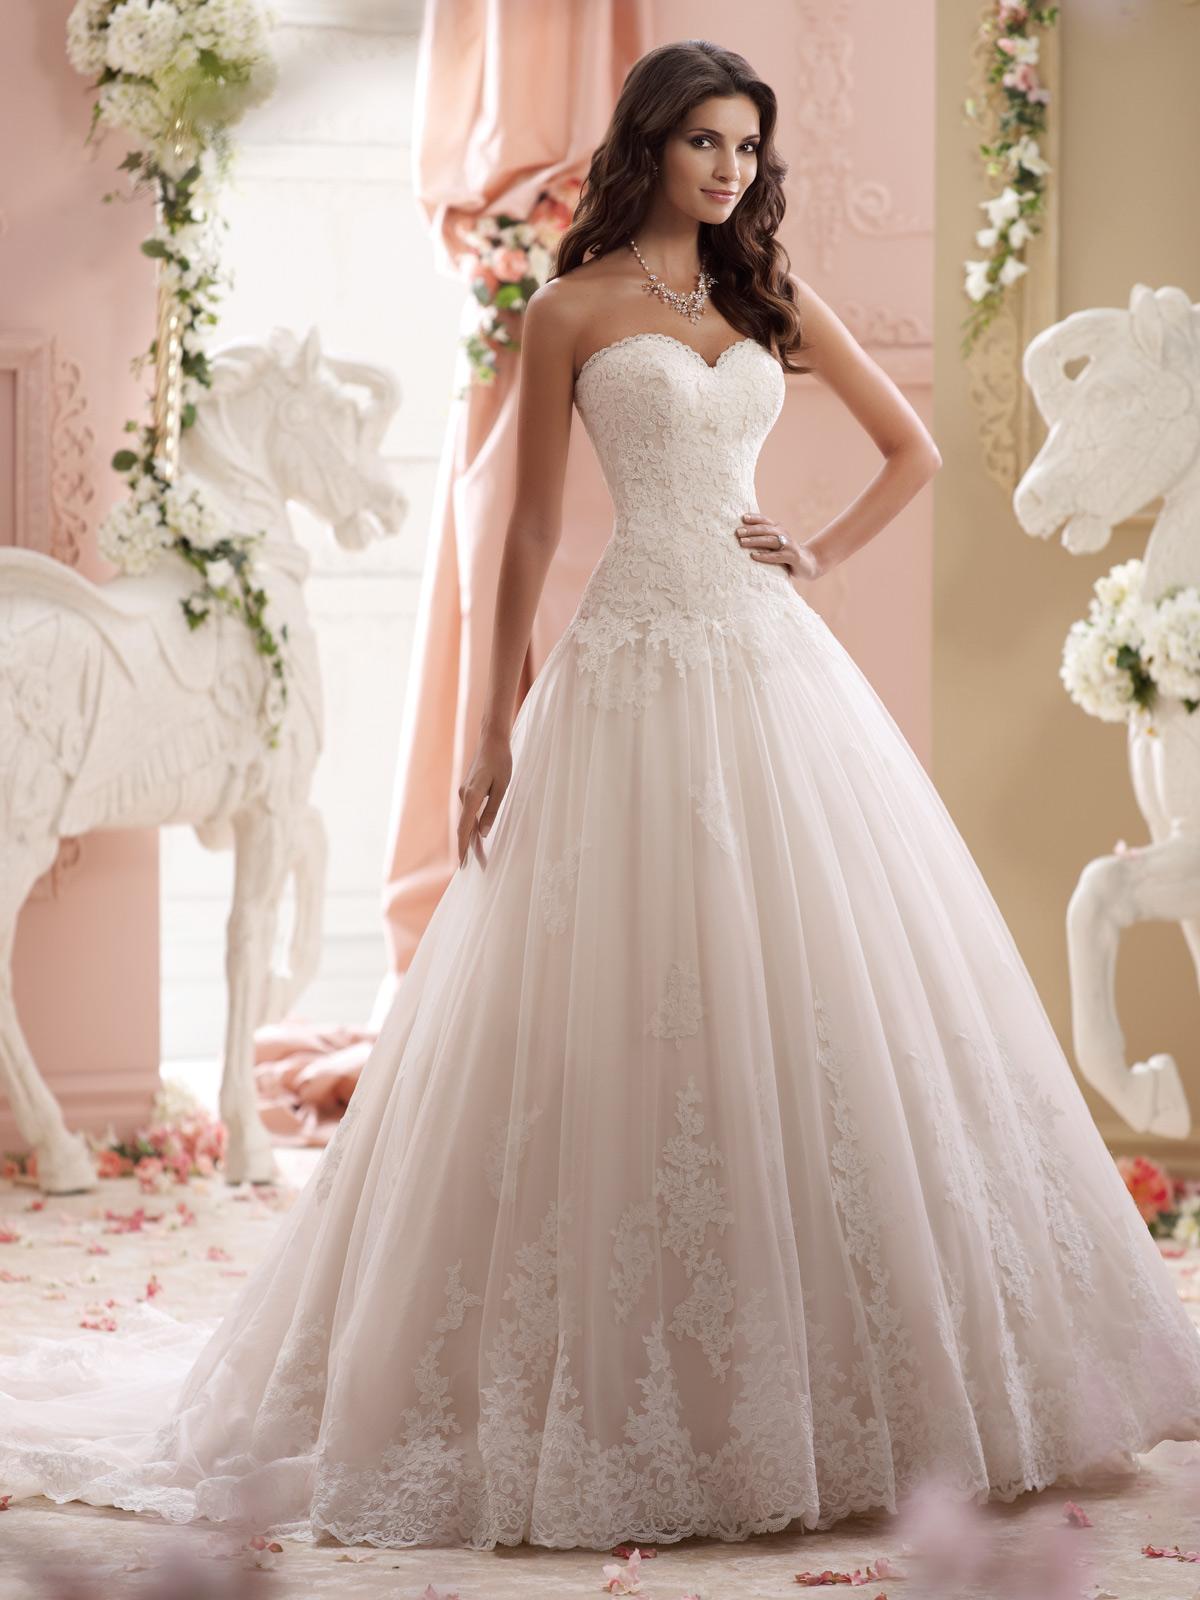 بالصور صور فساتين عروس , احلى صور فساتين عروس 5452 3